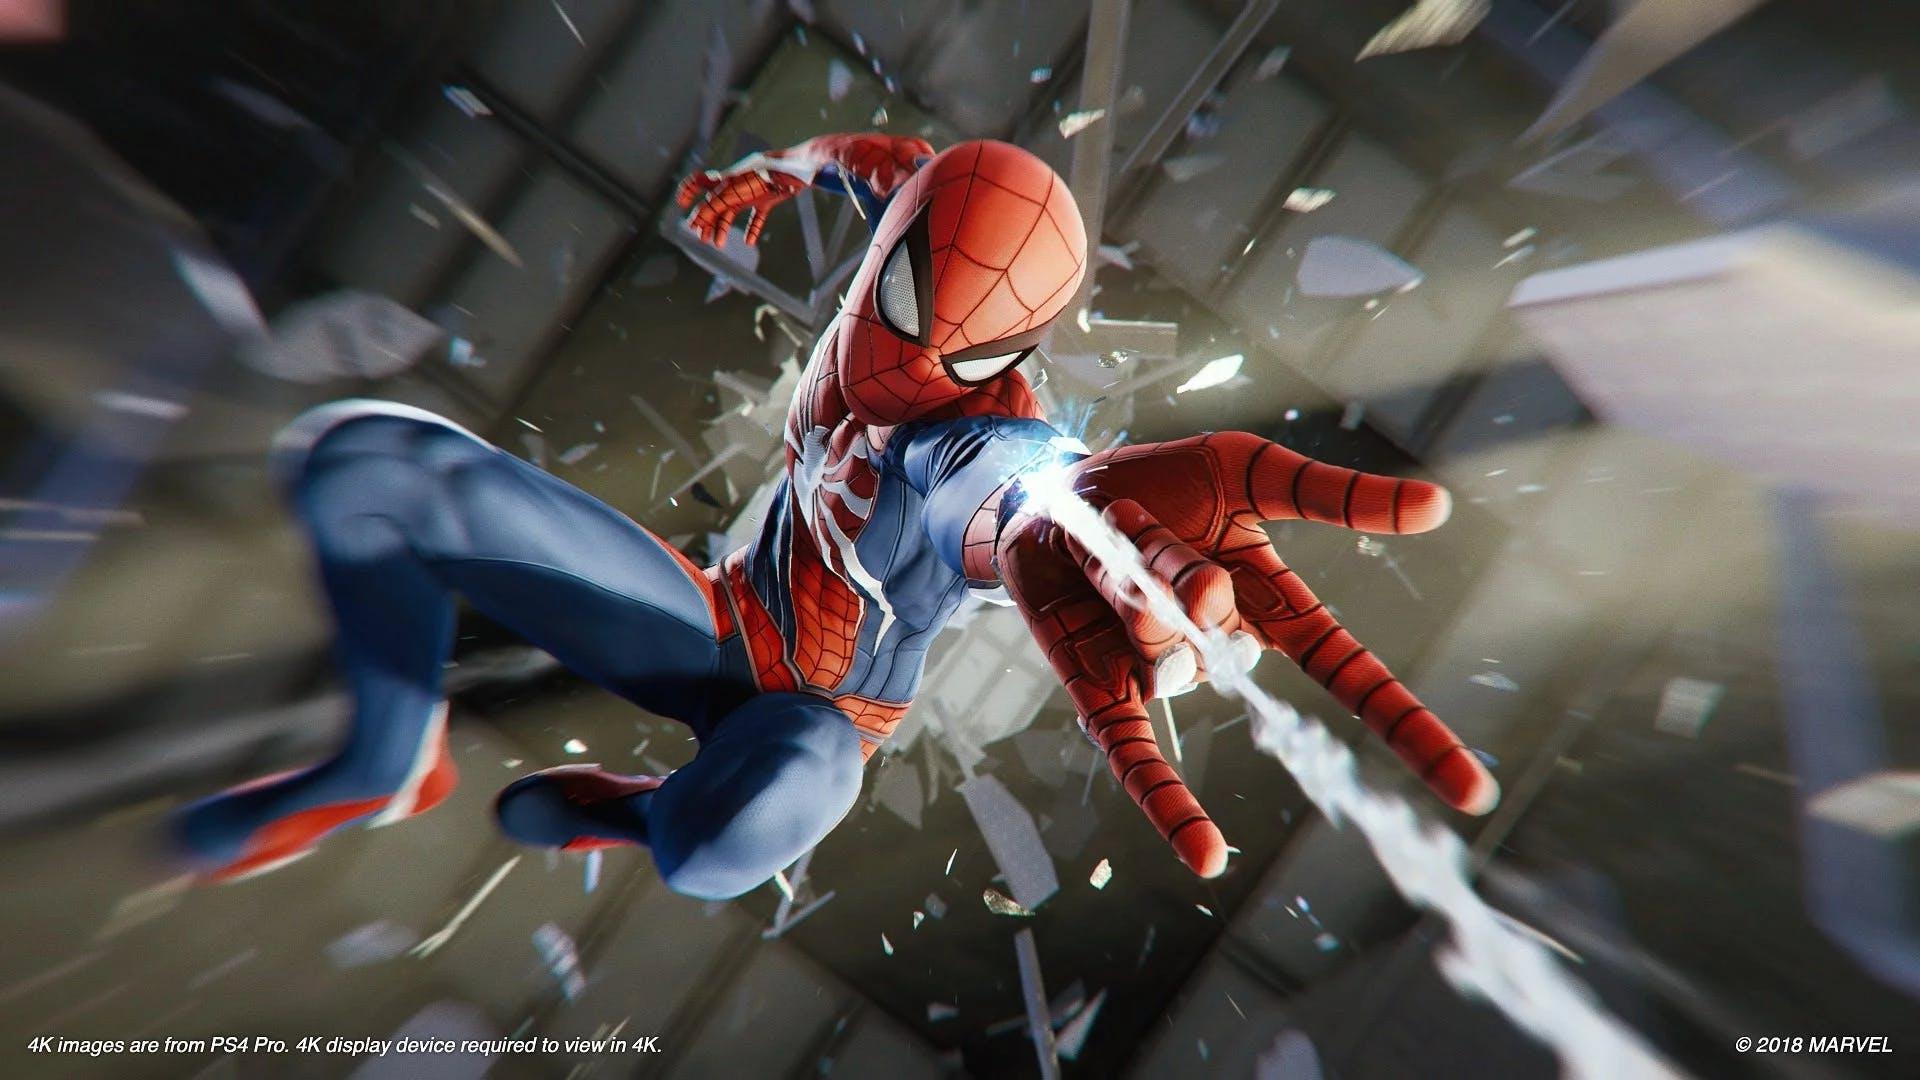 https://images.prismic.io/fanatical/fd35b5cc50d3cc877c36307cca7a0471477018c7_marvels-spider-man-ps4-playstation-4.original.jpg?auto=compress,format